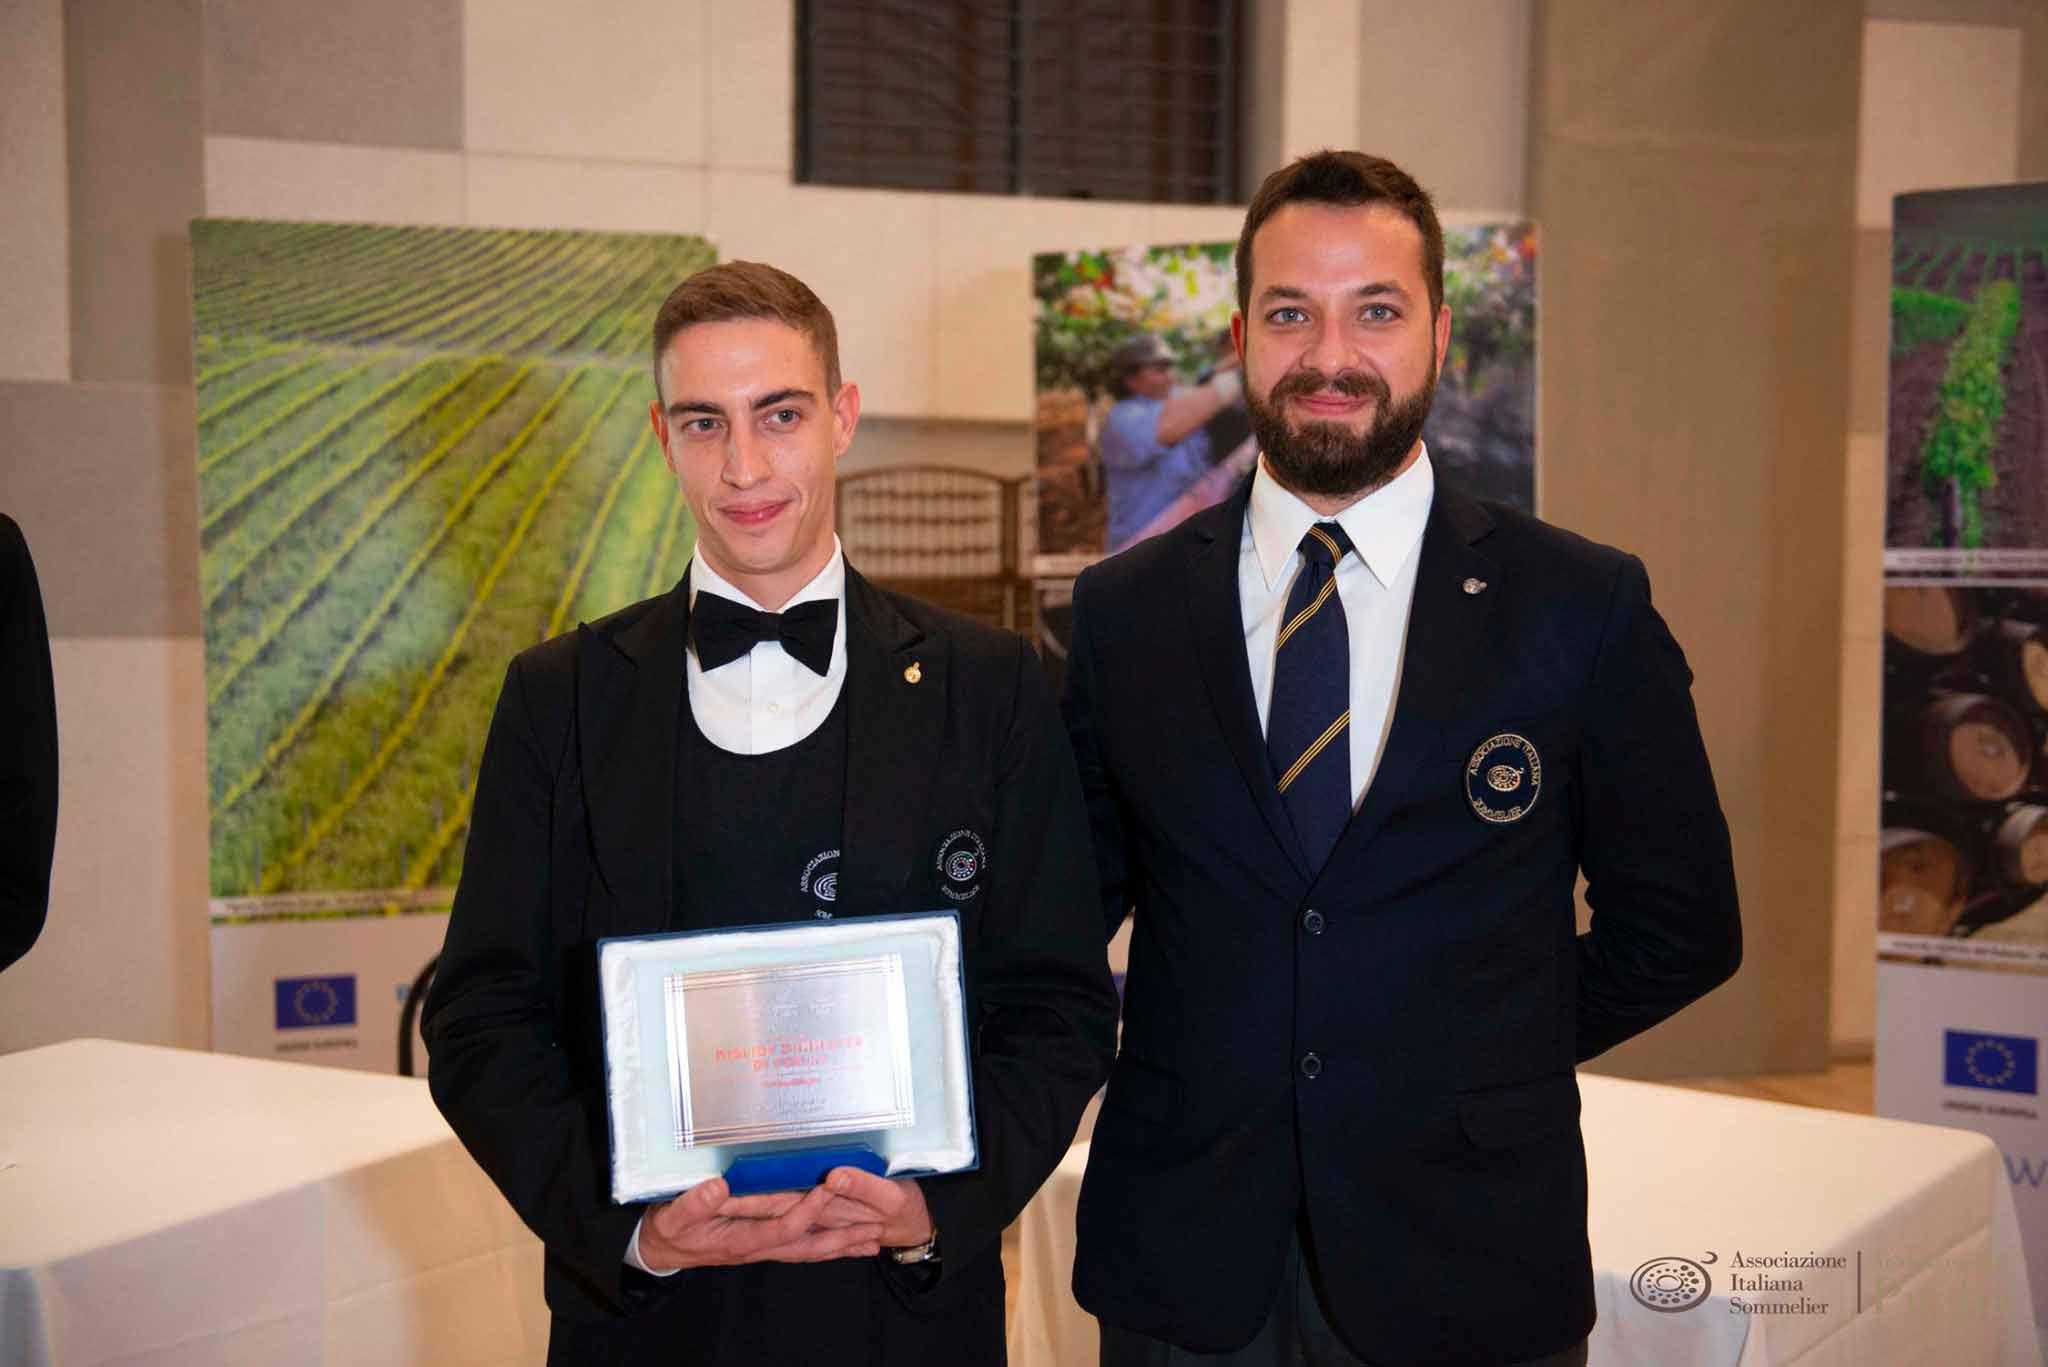 Miglior Sommelier di Puglia 2019 – Alessandro Nigro Imperiale